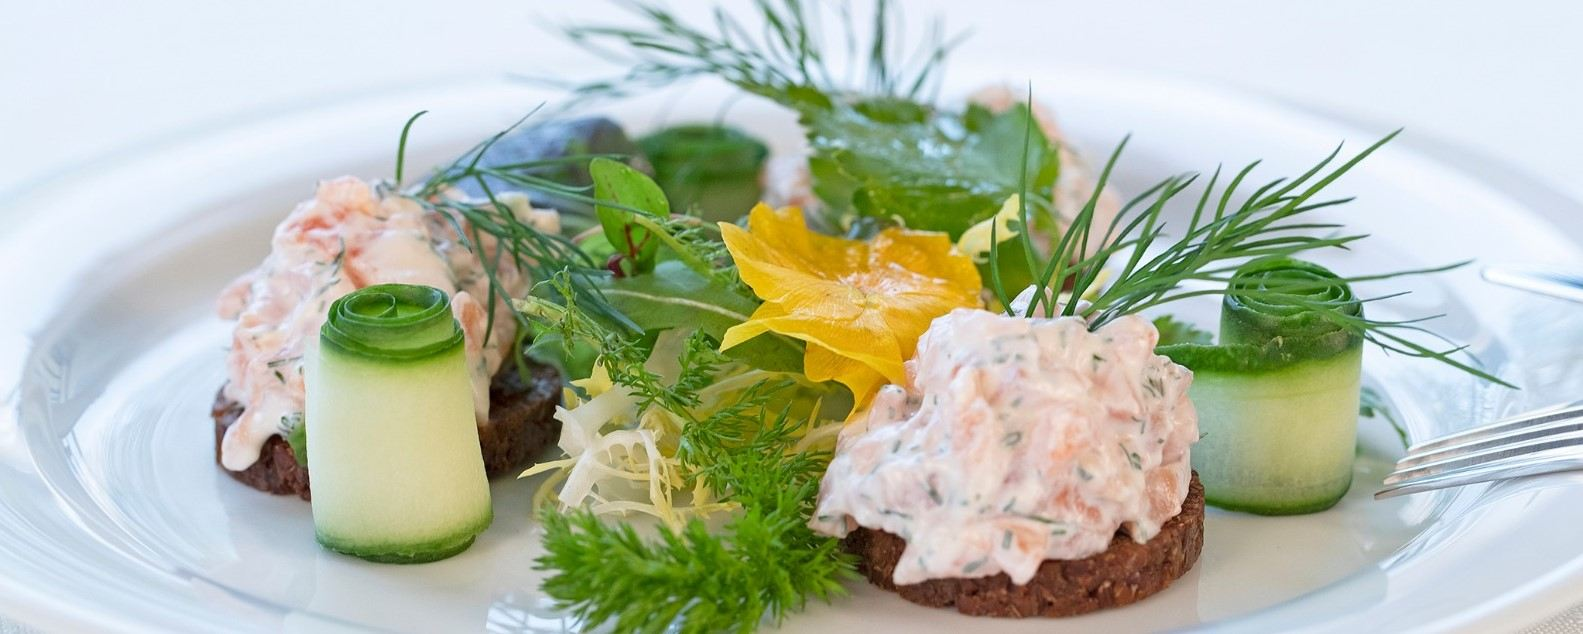 koeberle-bodolz_restaurant-1